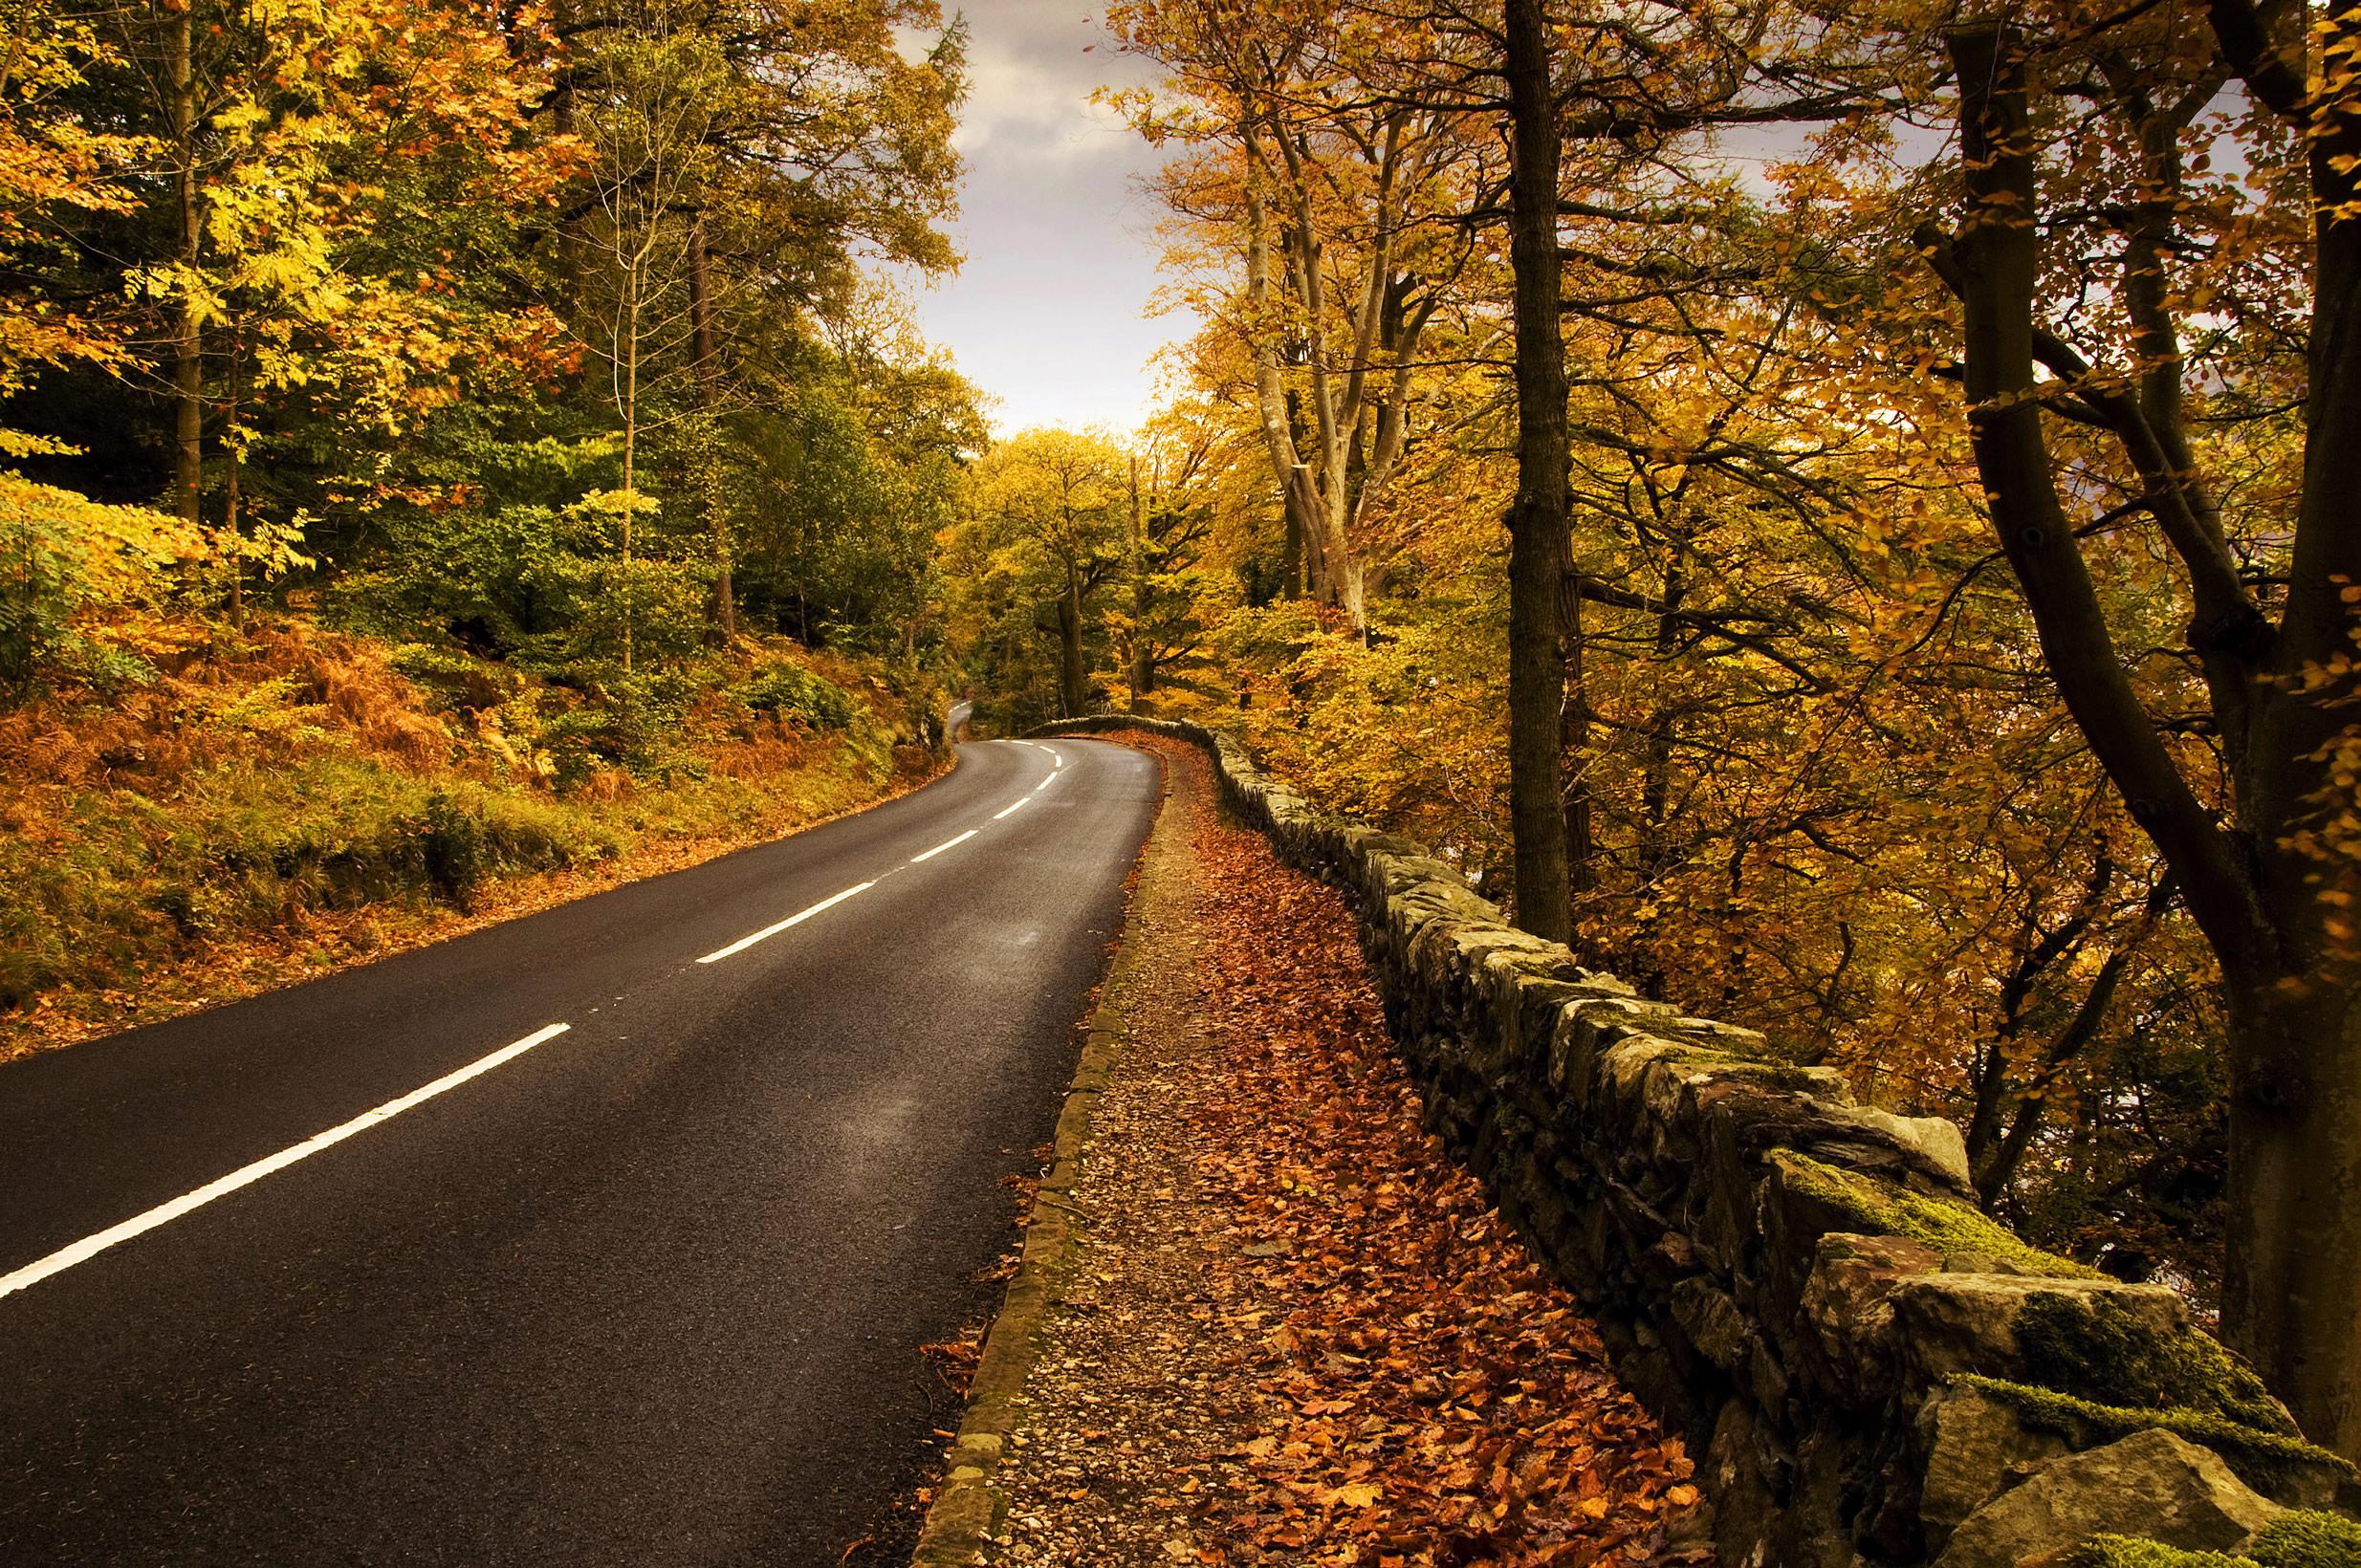 дорога, шоссе, осень, опавшие листья, скачать фото